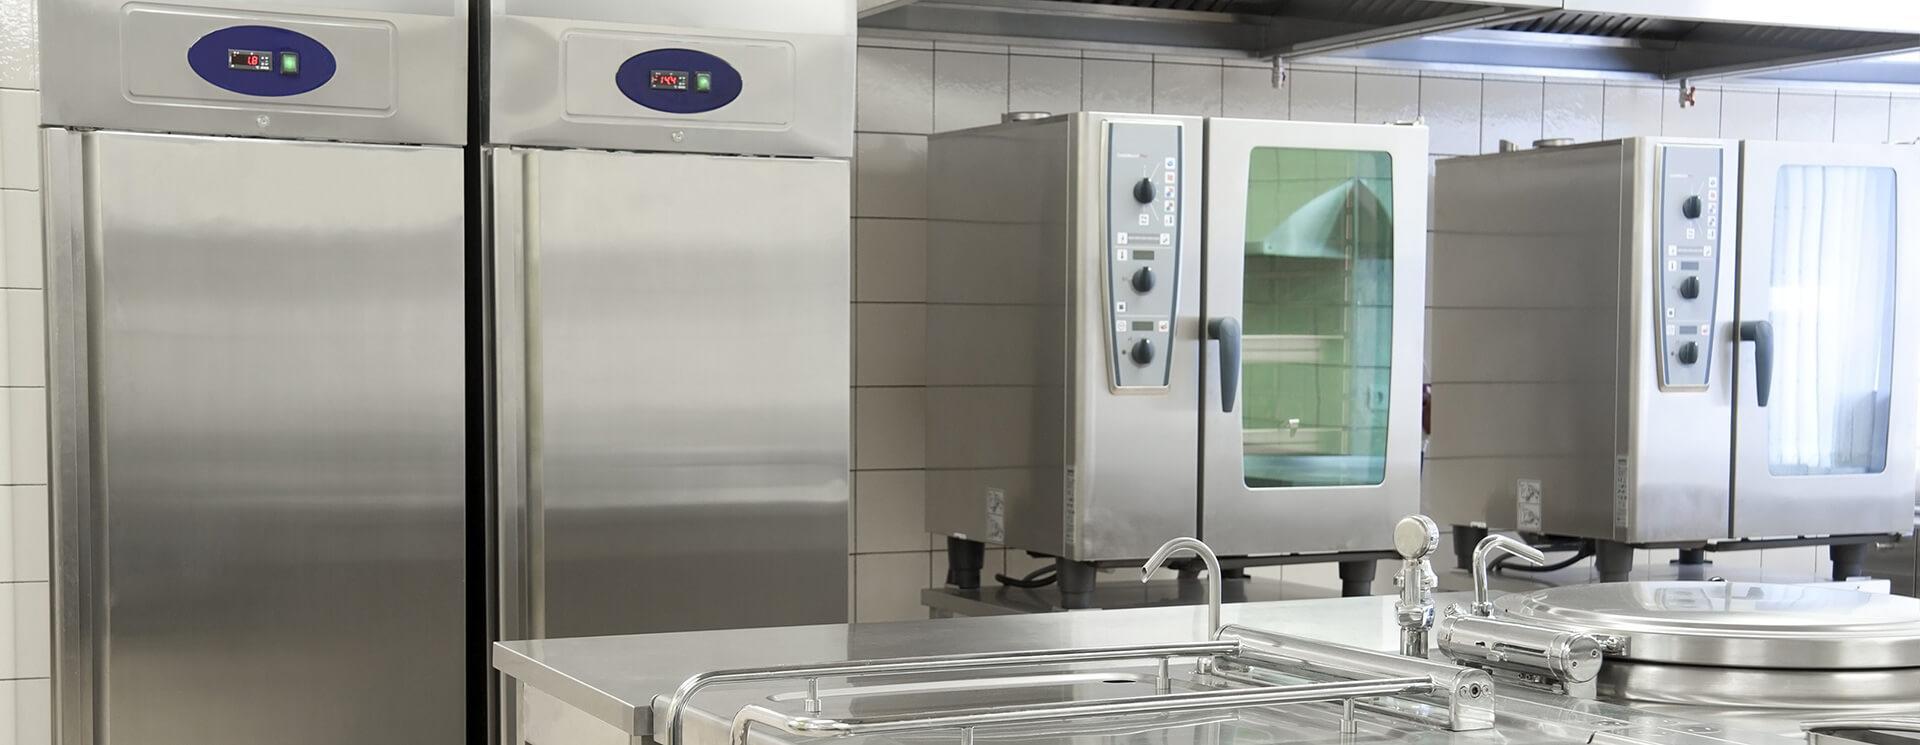 Lavorazione Lamiere per cucine industriali - Pres Metal Verona